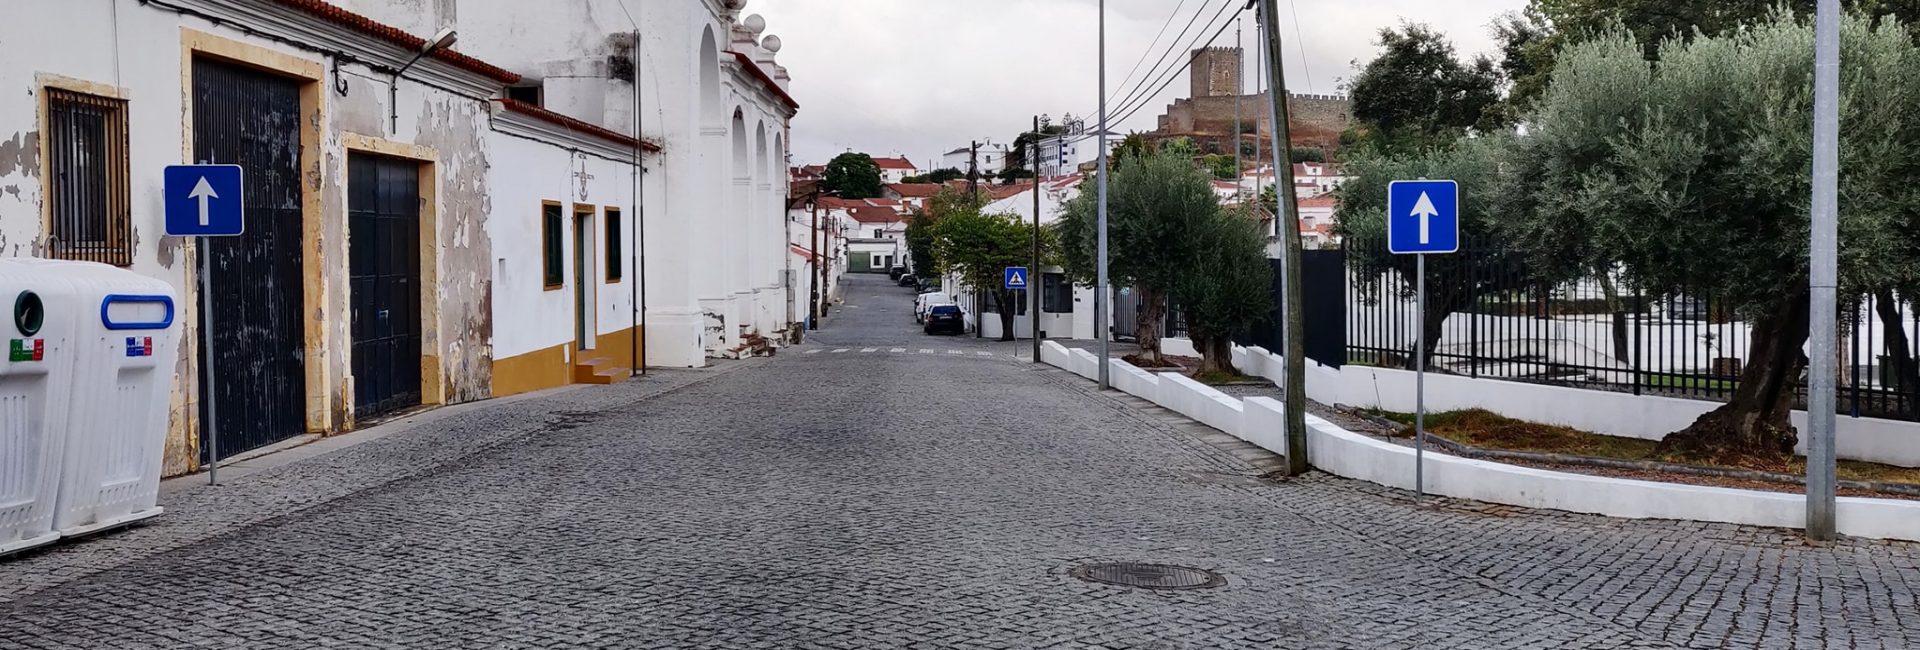 rua-s-paulo-2020-1